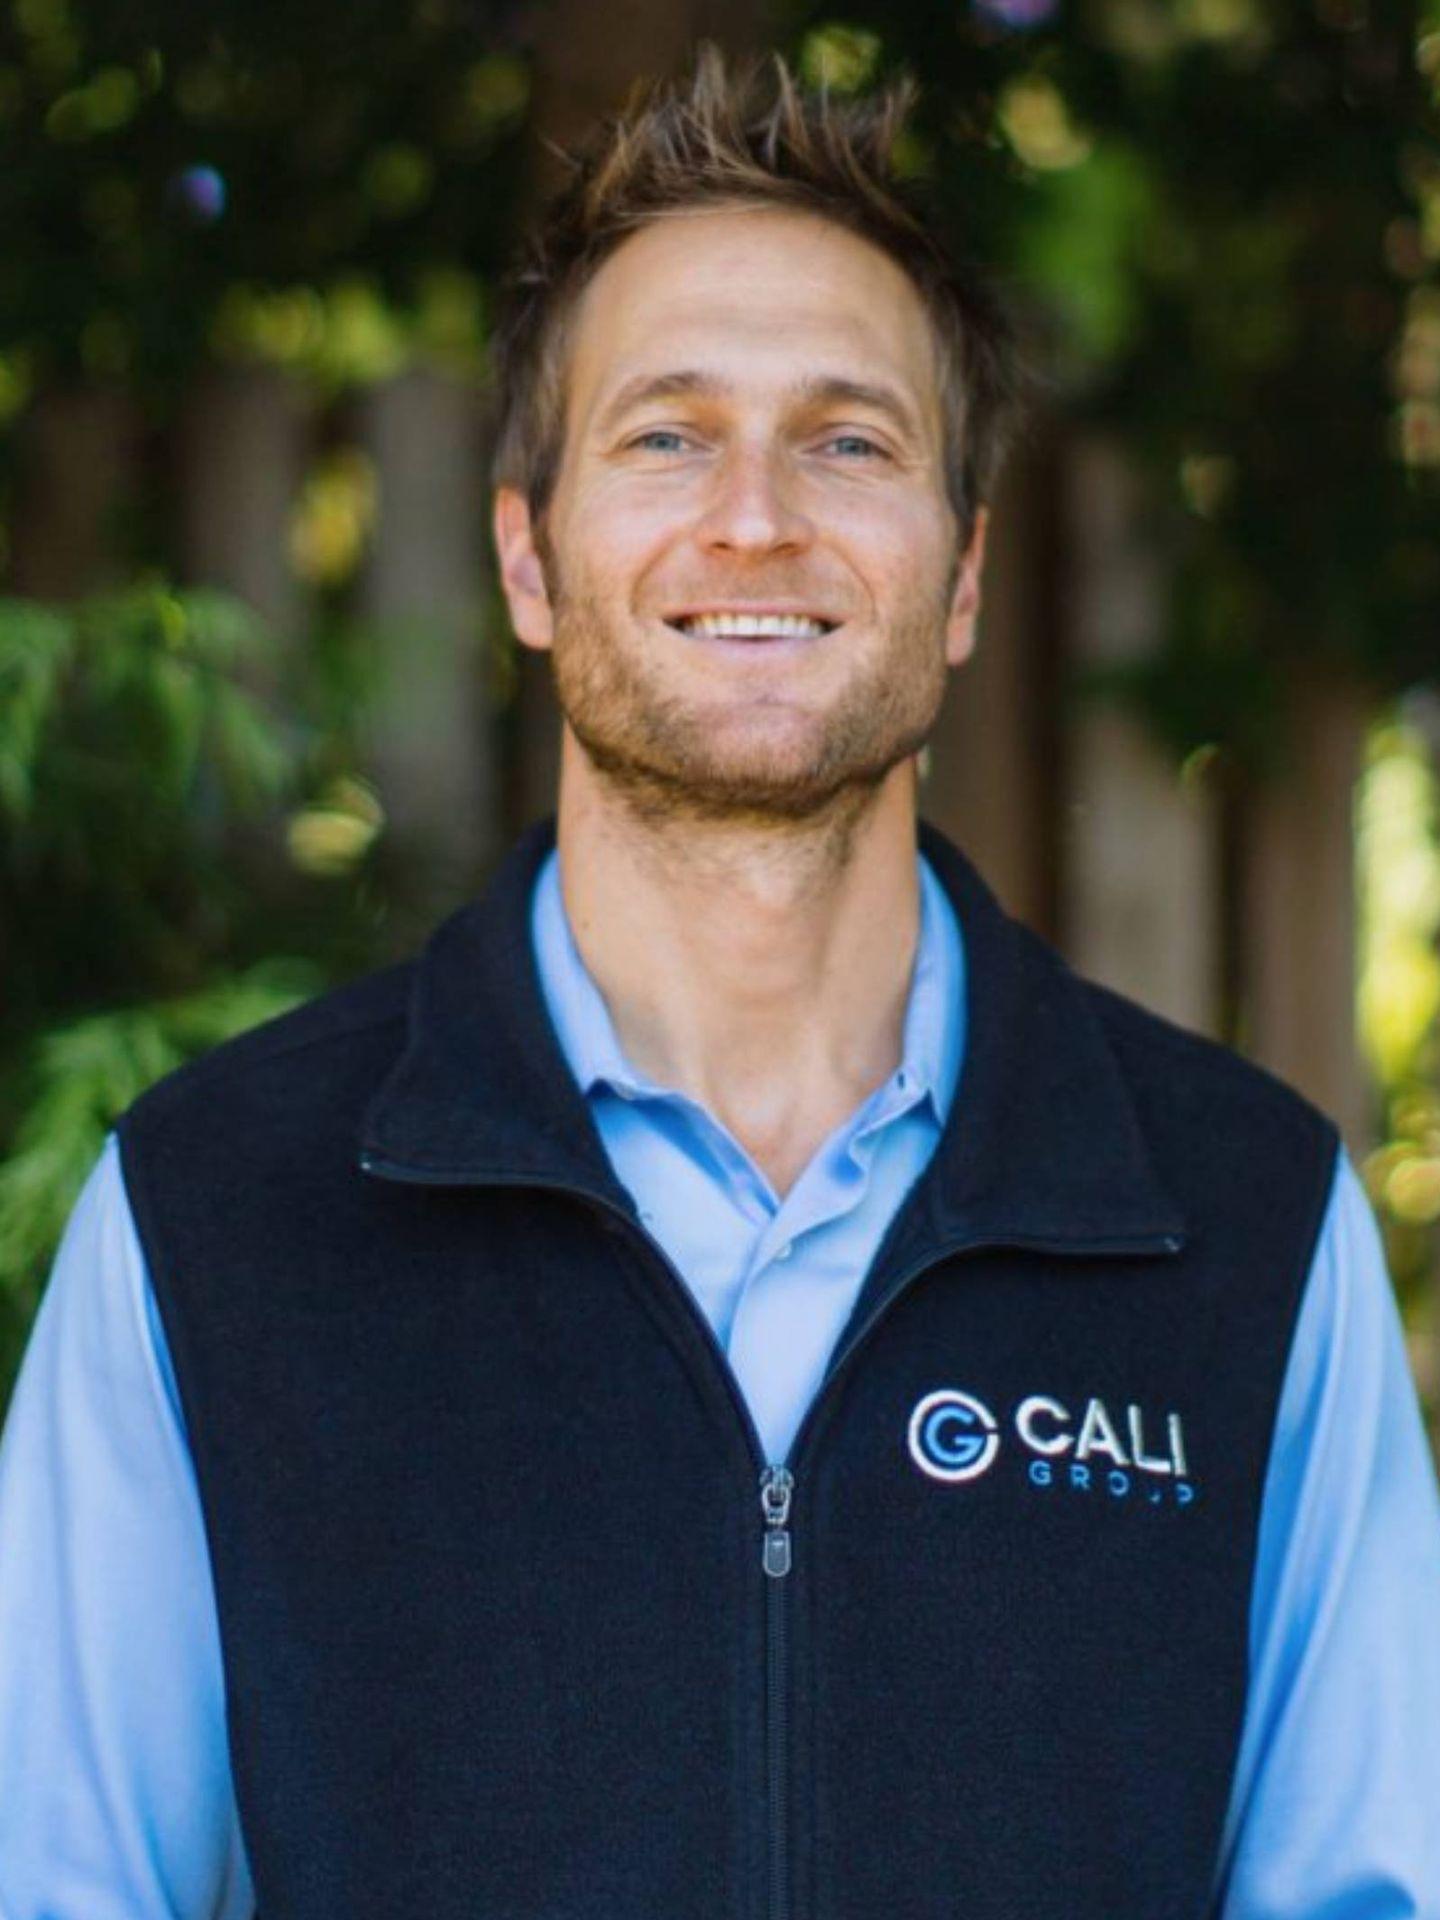 John Miller, en una imagen de la web de Cali Group. (Cortesía)